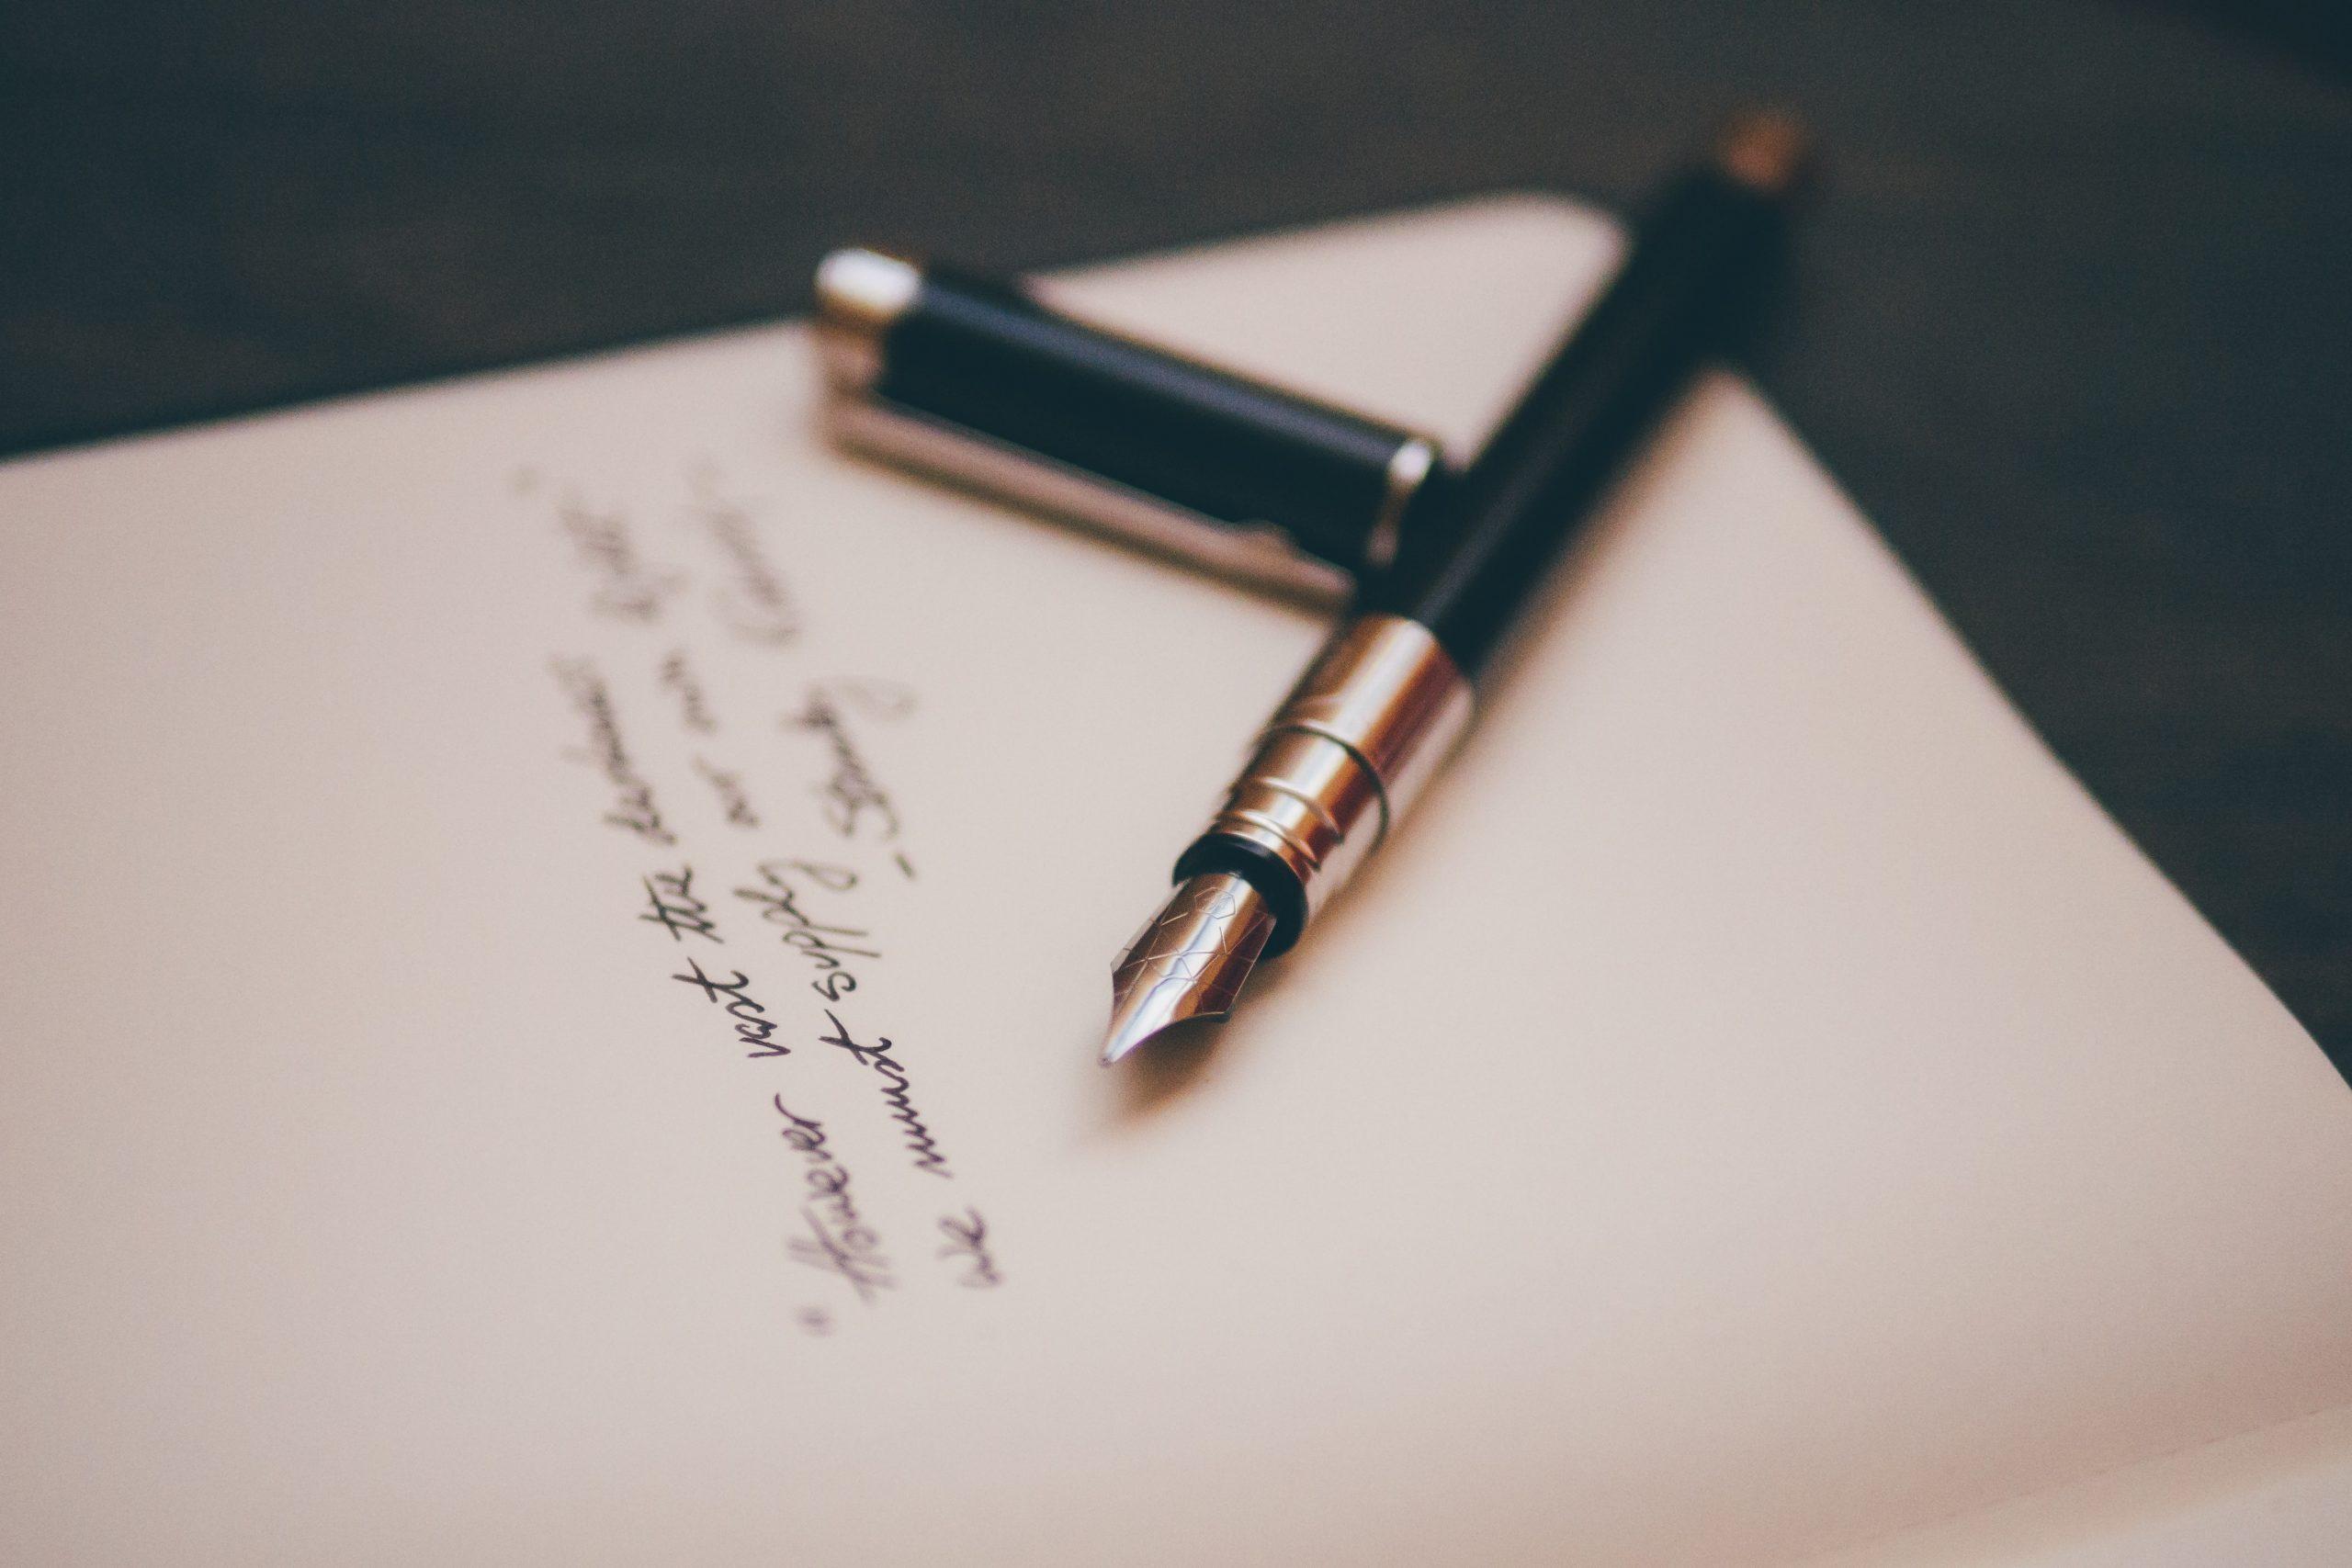 Comment rédiger une lettre de vente